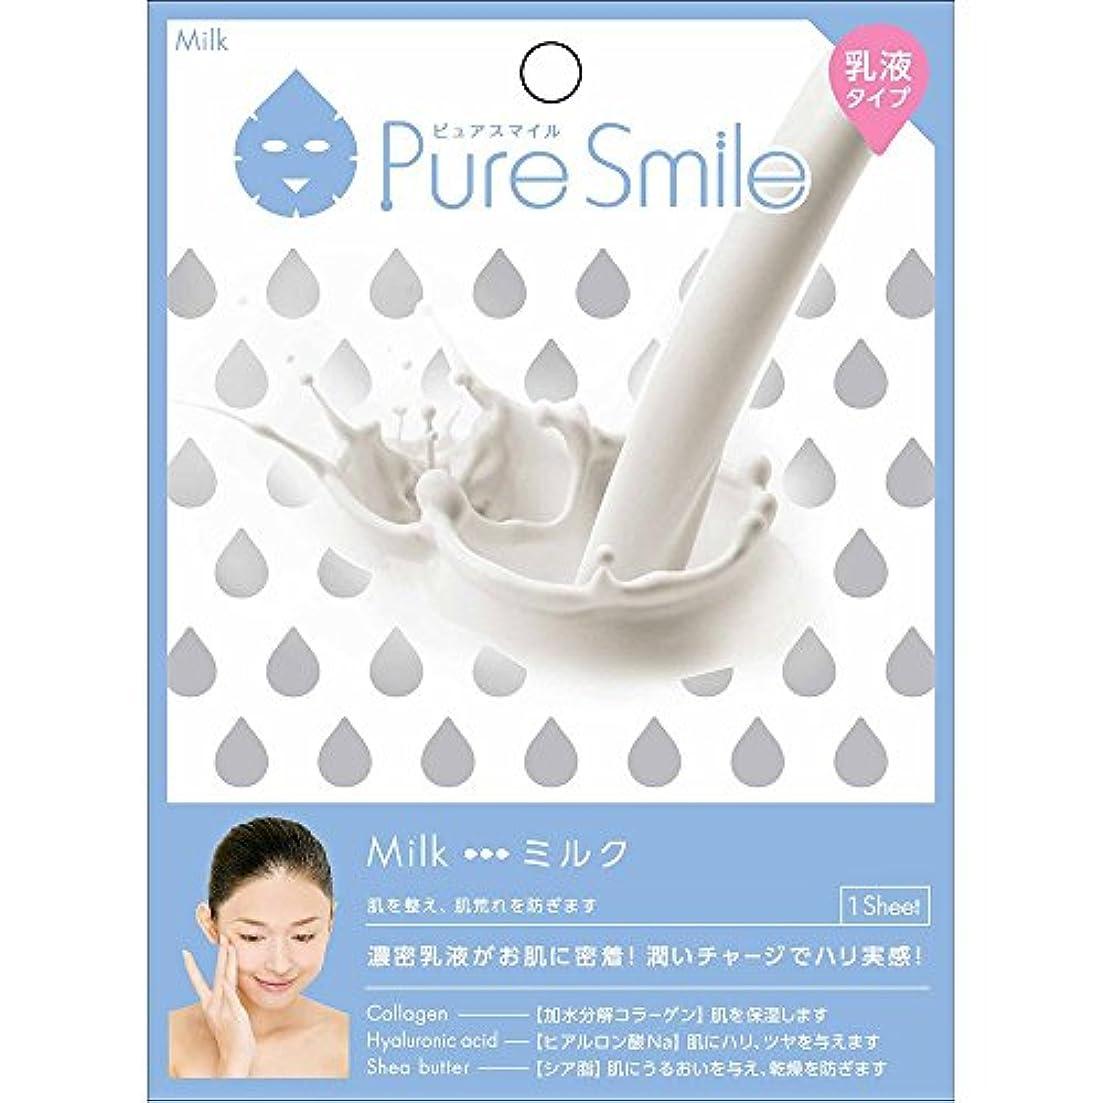 弱い征服者ナースPure Smile(ピュアスマイル) 乳液エッセンスマスク 1 枚 ミルク